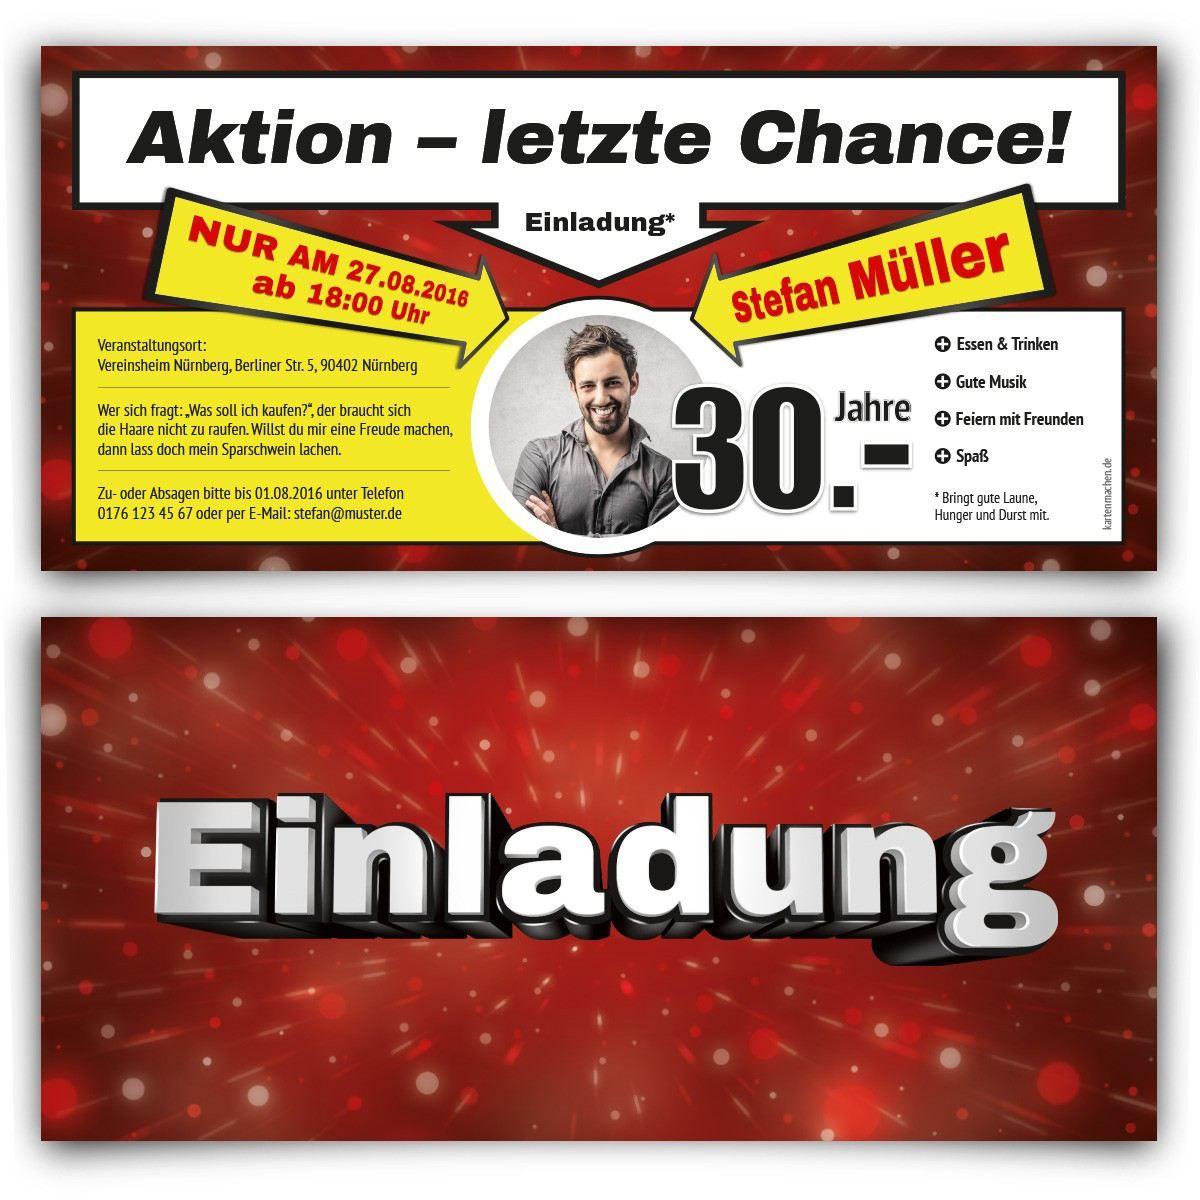 Einladungskarten Gestalten Und Drucken : Einladungskarten Selbst Gestalten  Und Drucken   Online Einladungskarten   Online Einladungskarten